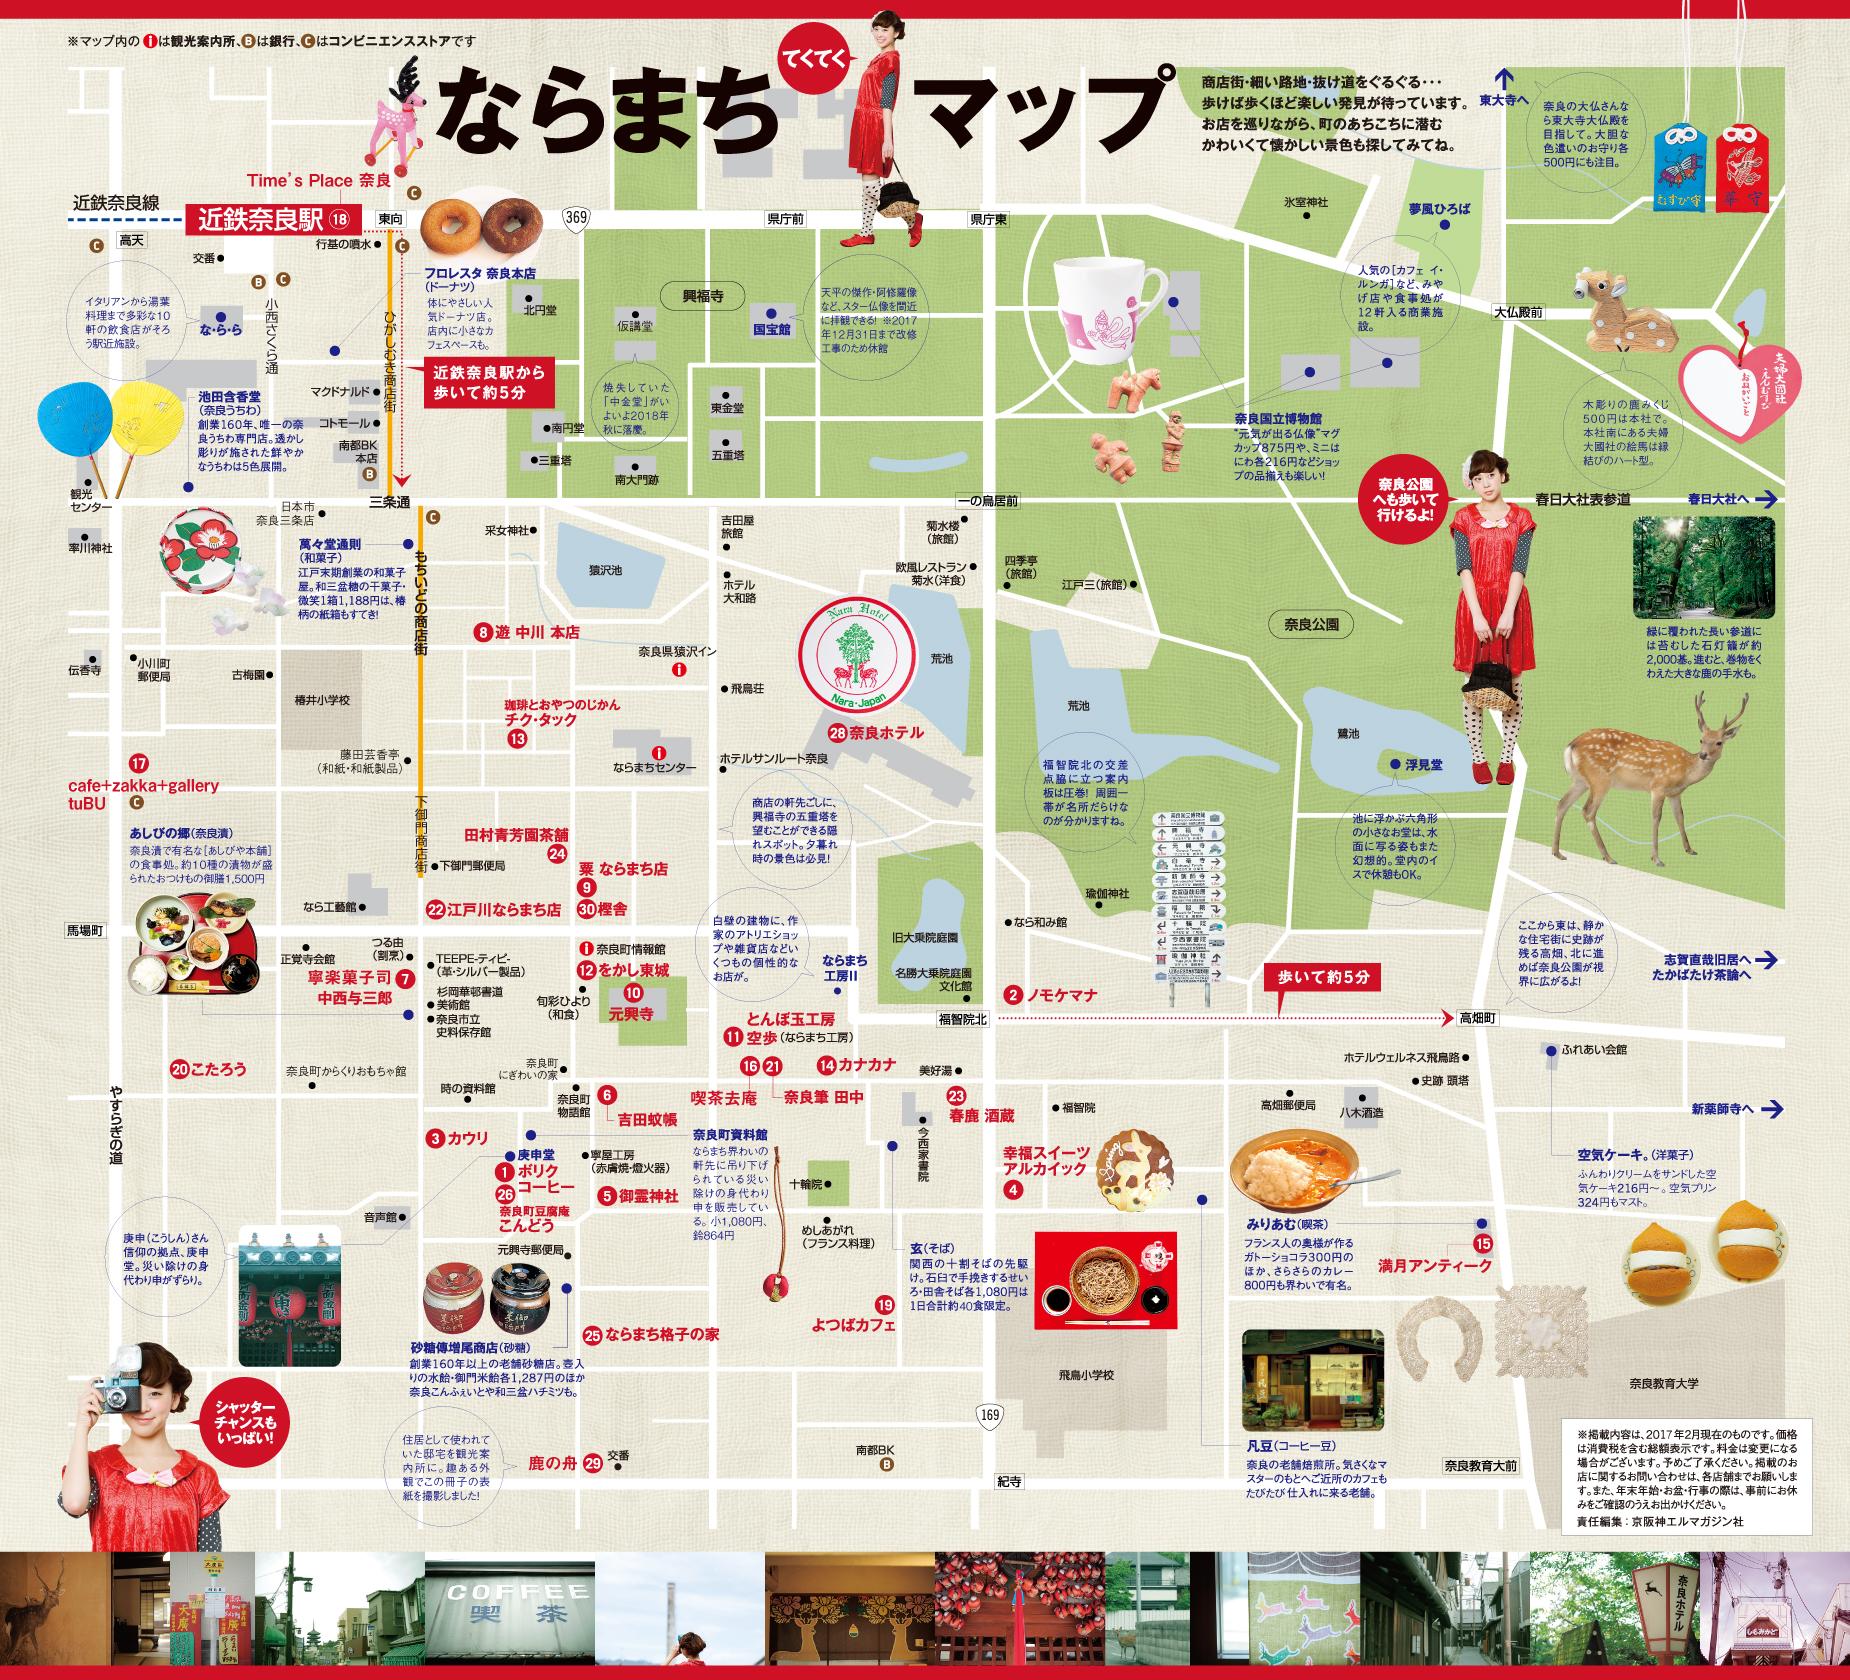 ならまちマップ : 奈良が「氷のまち」に!かき氷激戦区「なら ...